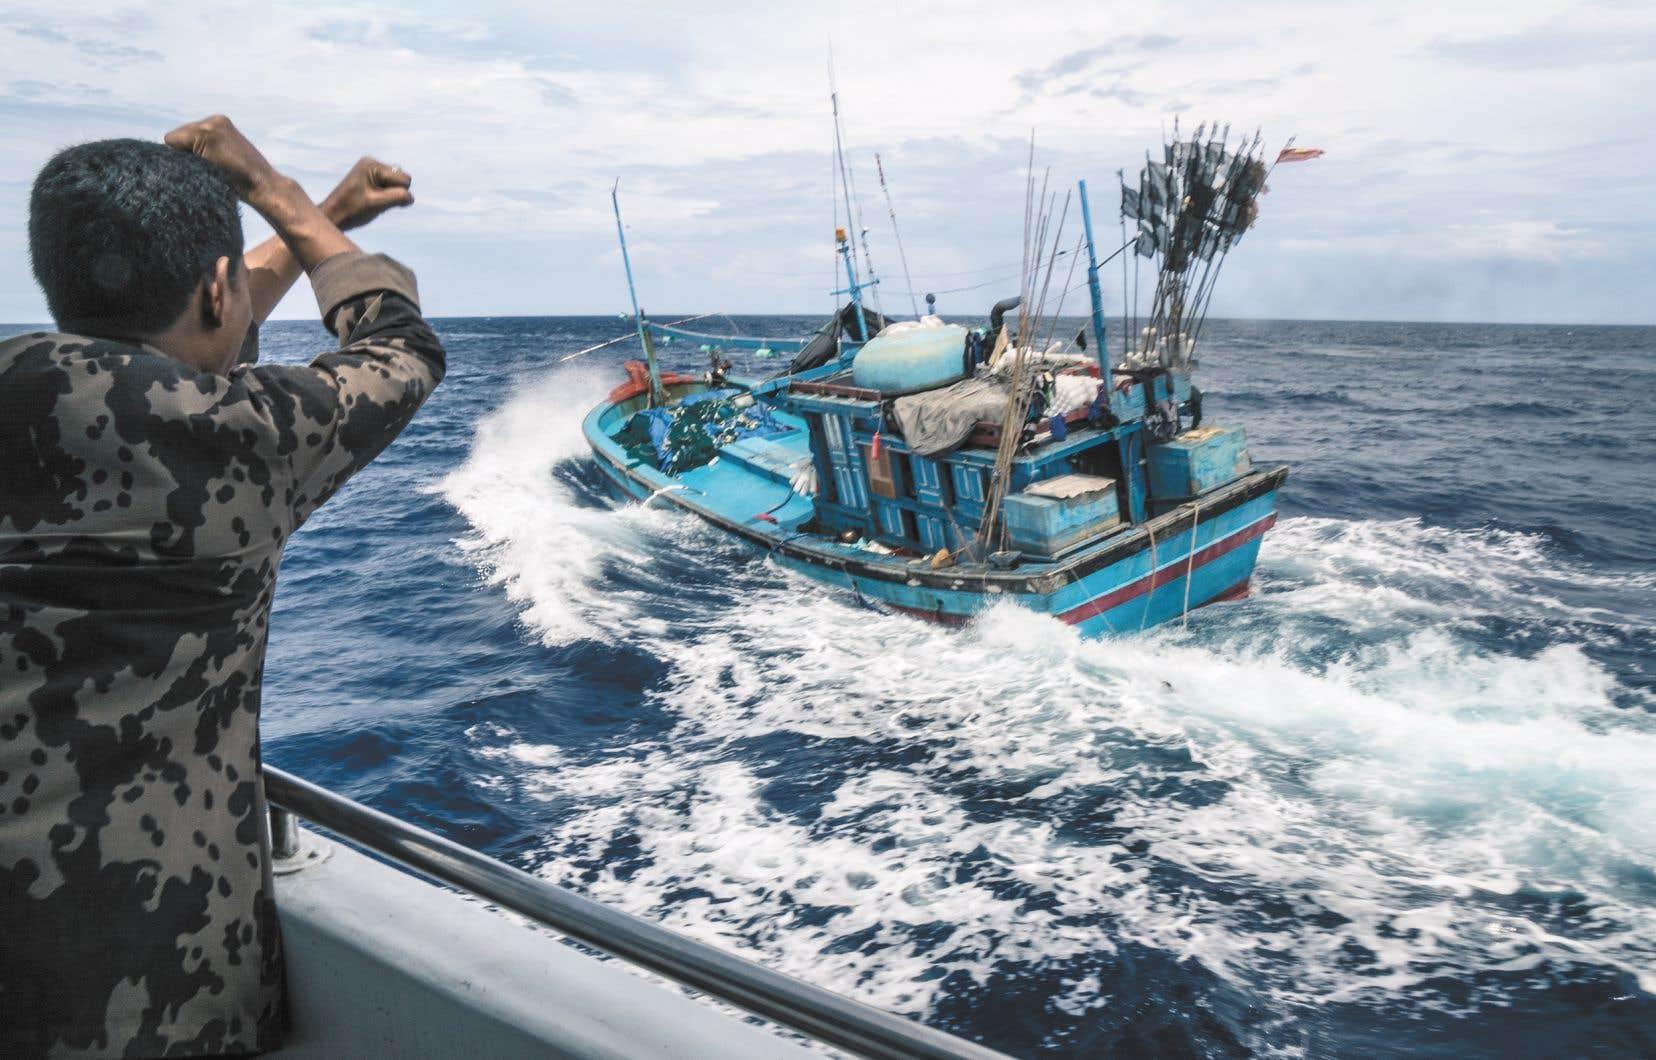 Un bateau de pêche vietnamien surpris à braconner dans les eaux indonésiennes reçoit l'ordre de s'arrêter.